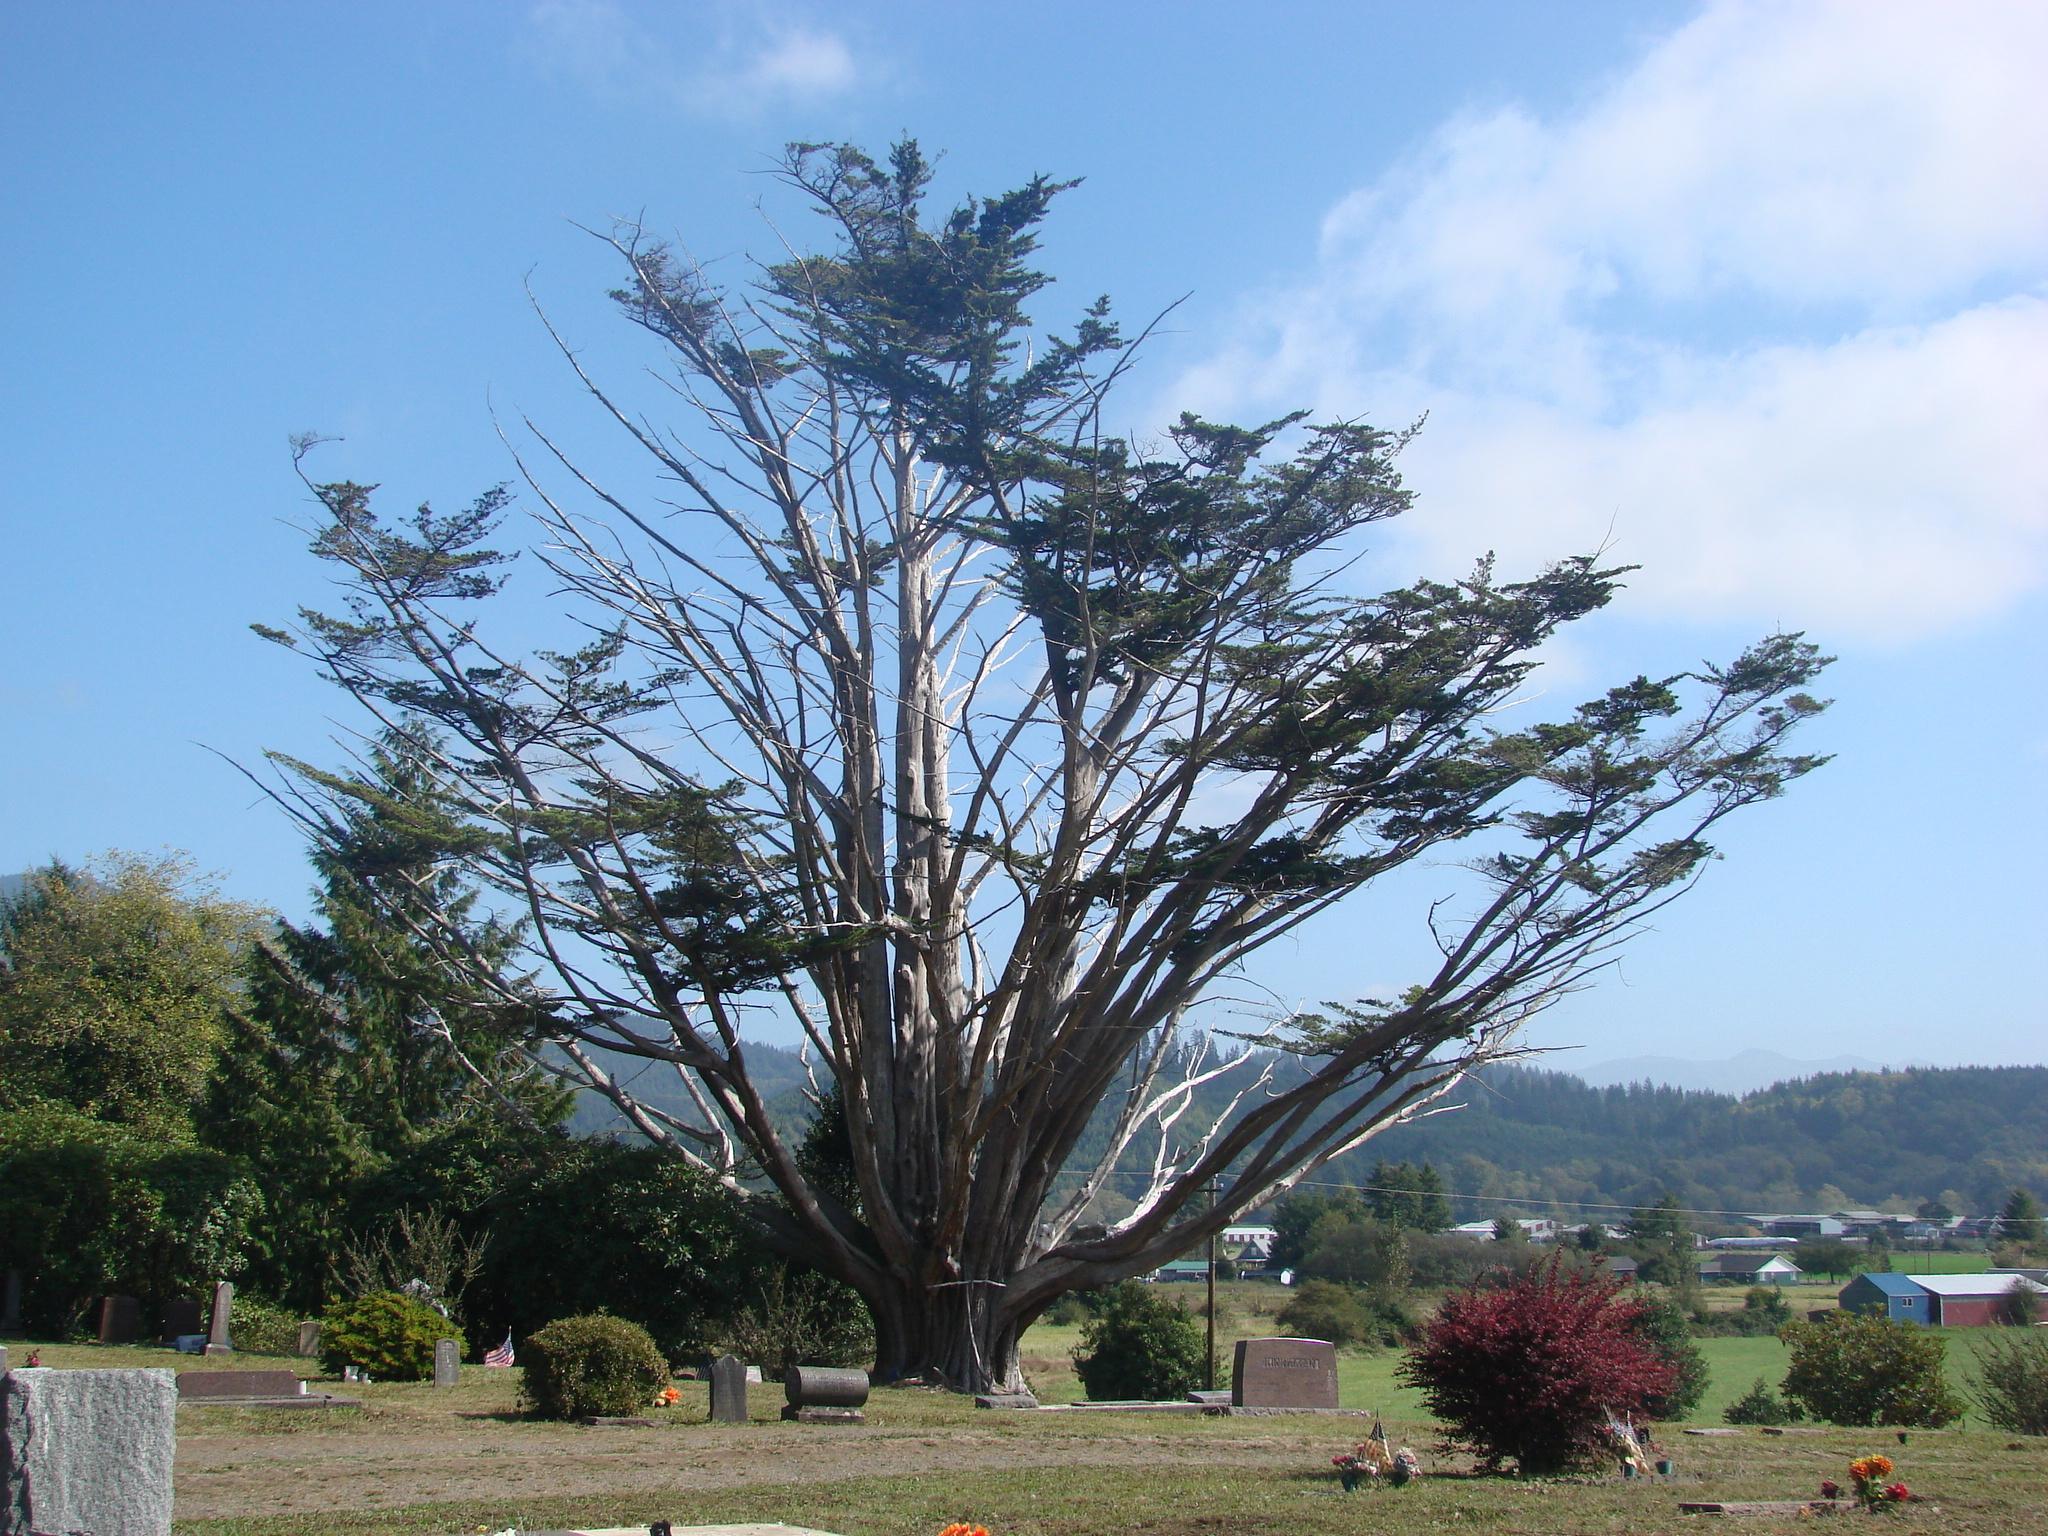 Bay City IOOF Cemetery